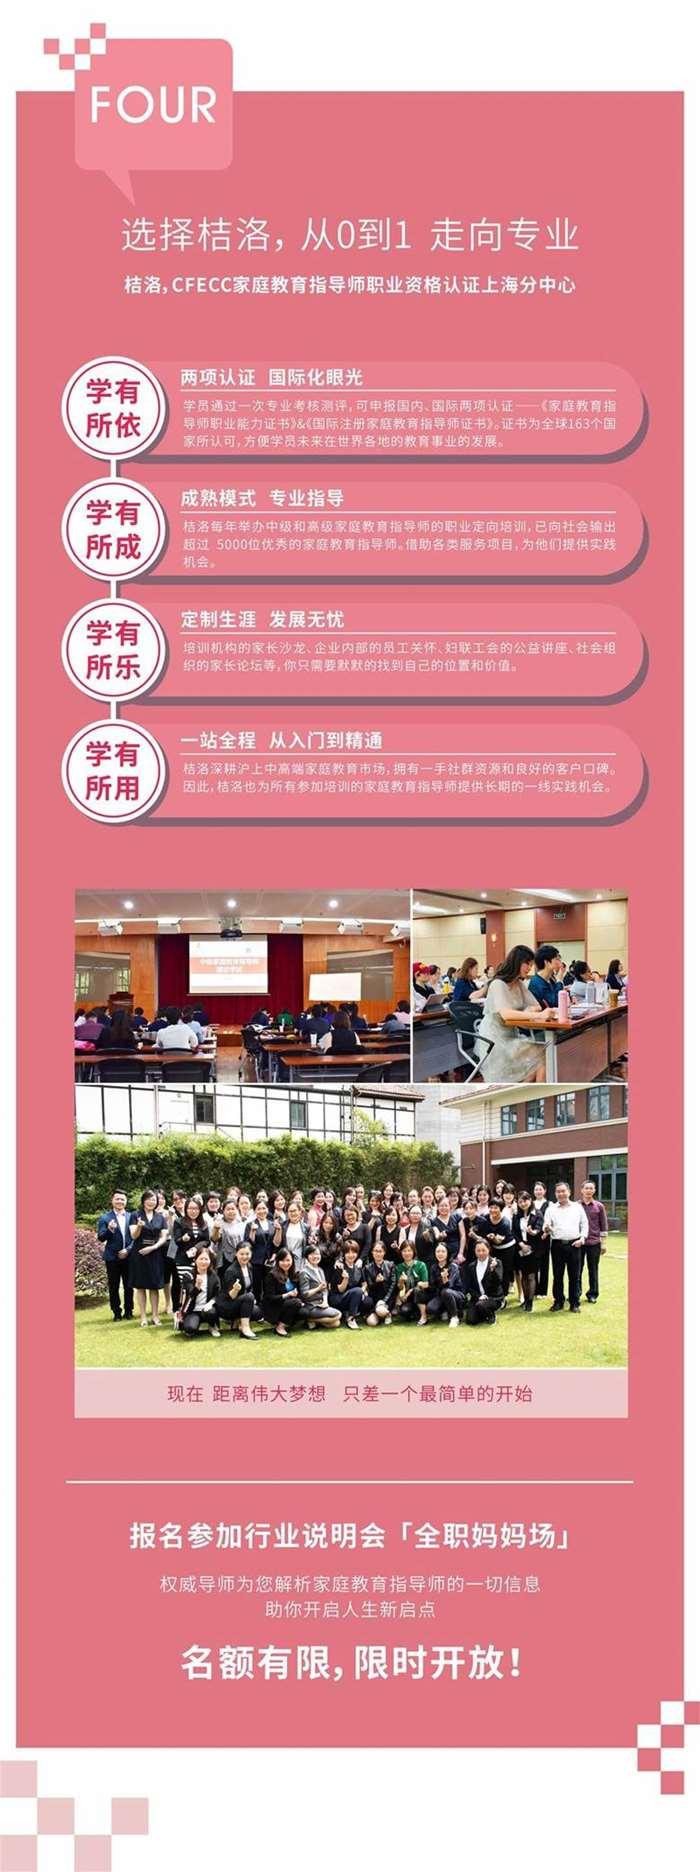 全职妈妈场-行业说明会(9-4-4).jpg